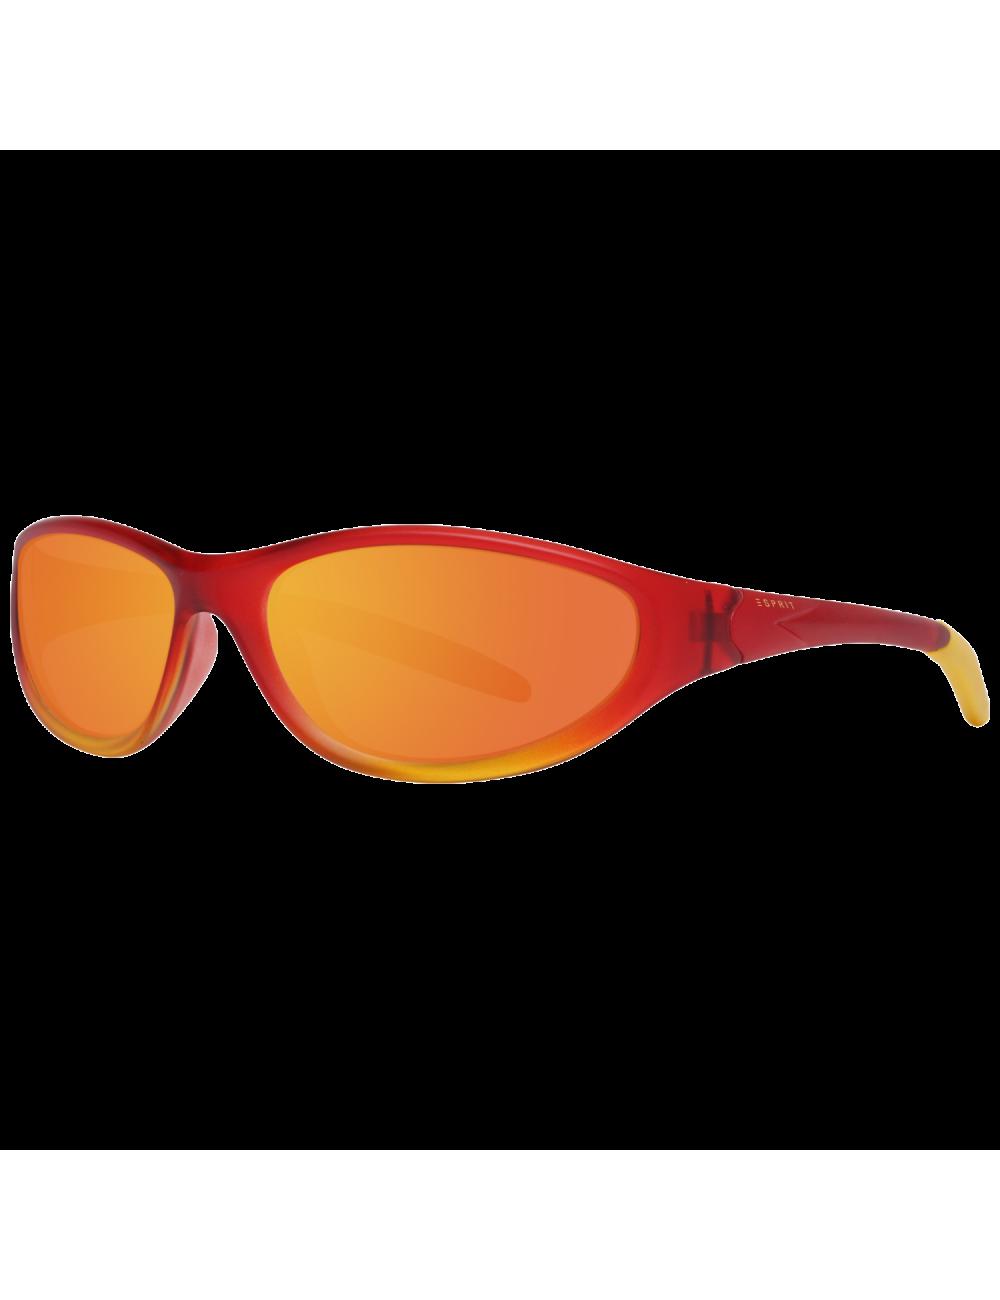 Esprit Sunglasses ET19765 531 55